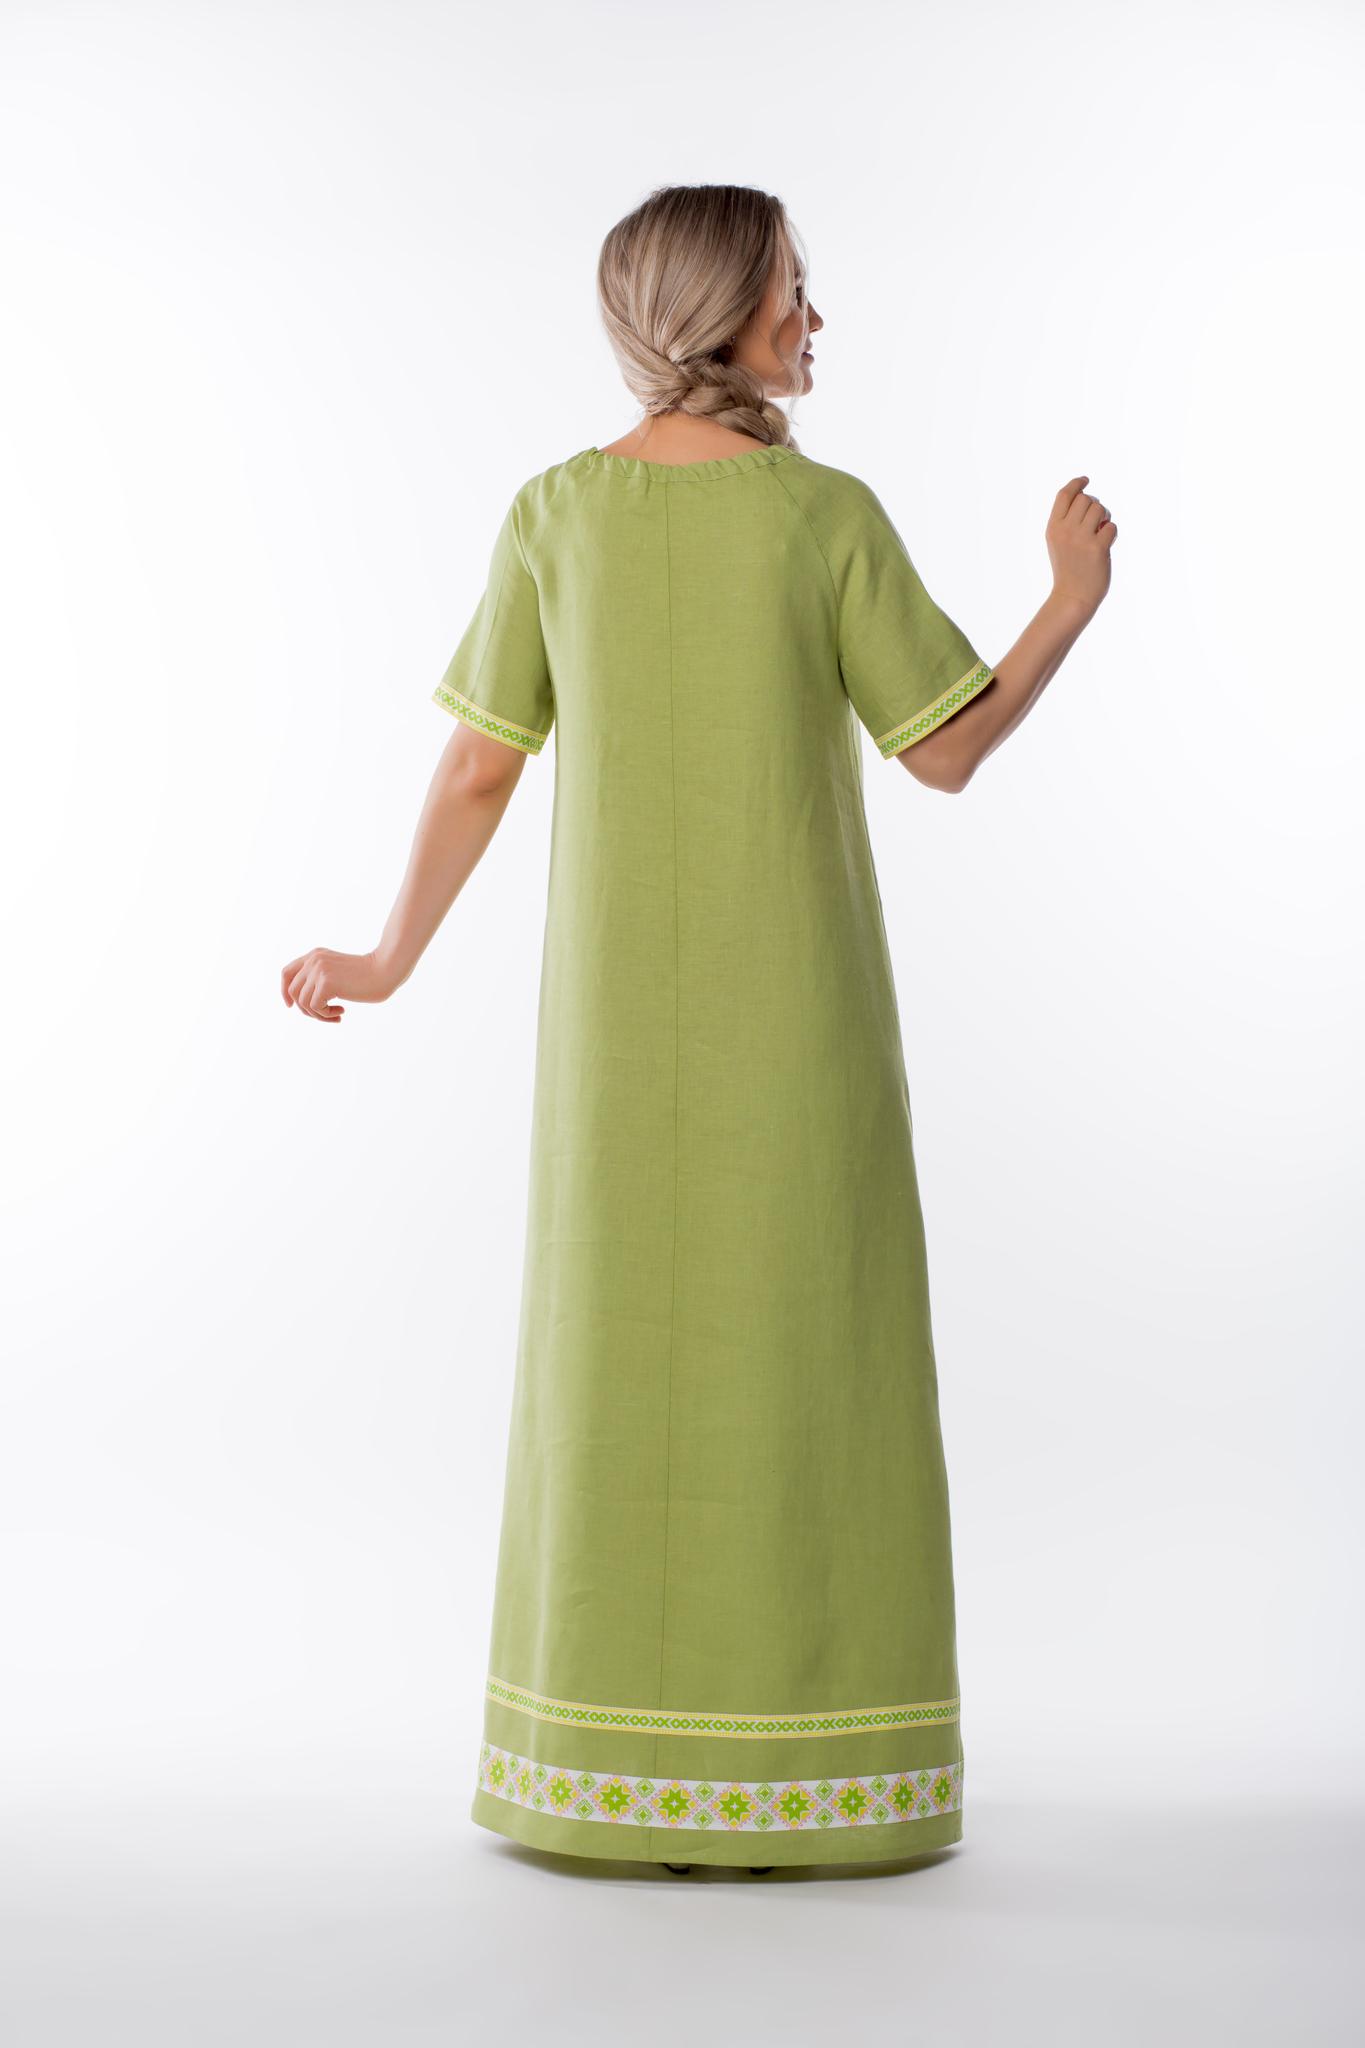 Платье льняное Папоротник без пояса вид сзади